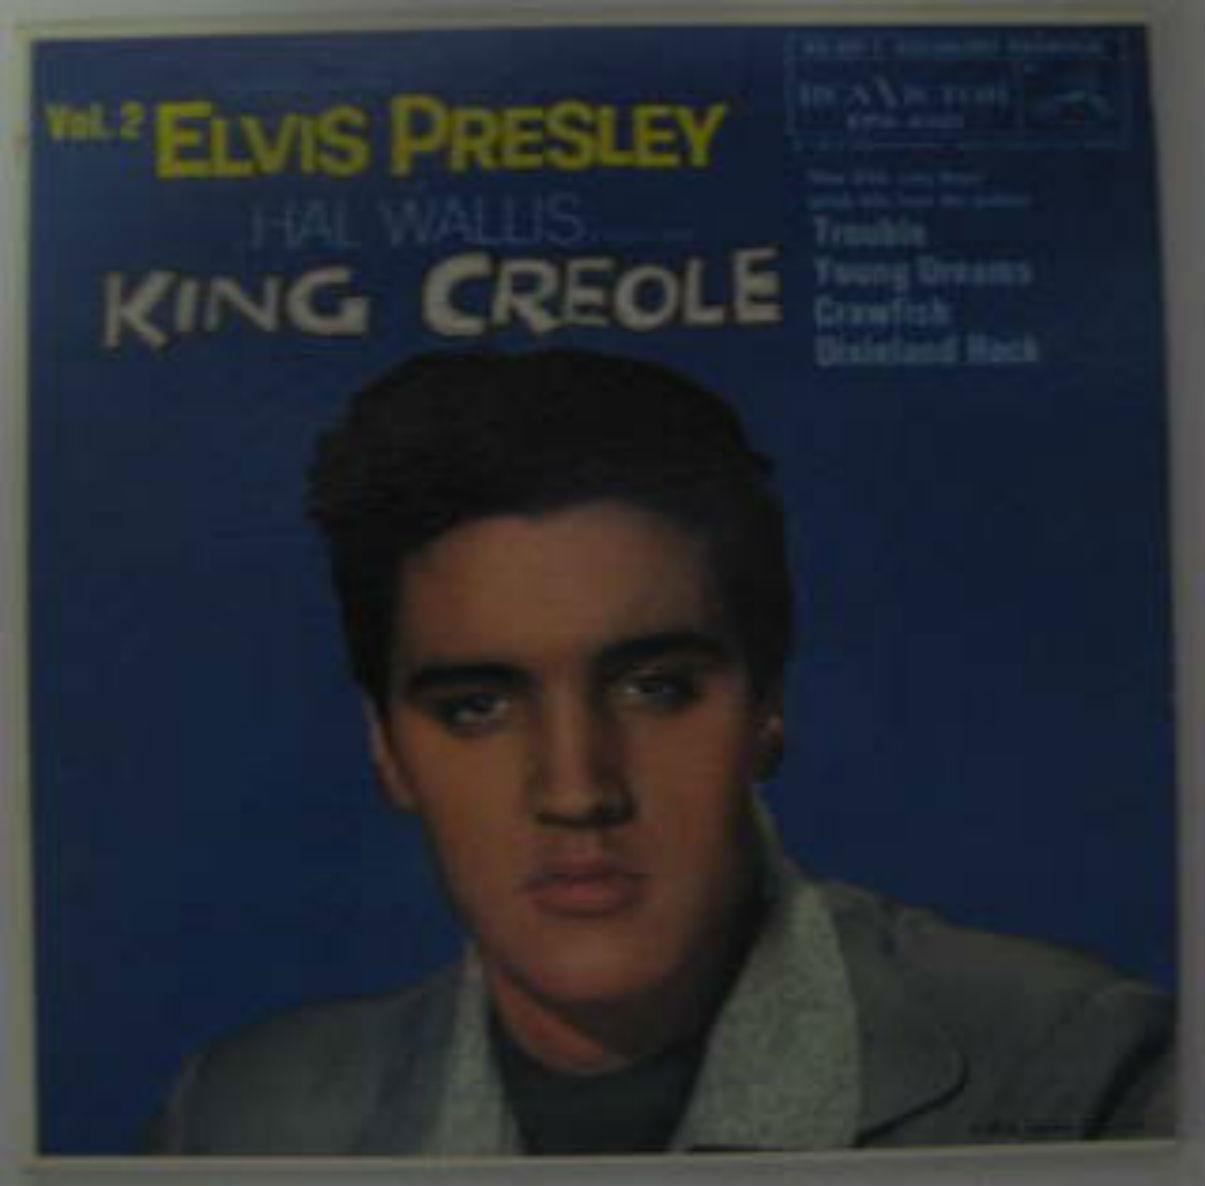 Elvis Presley / King Creole EP Volume 2